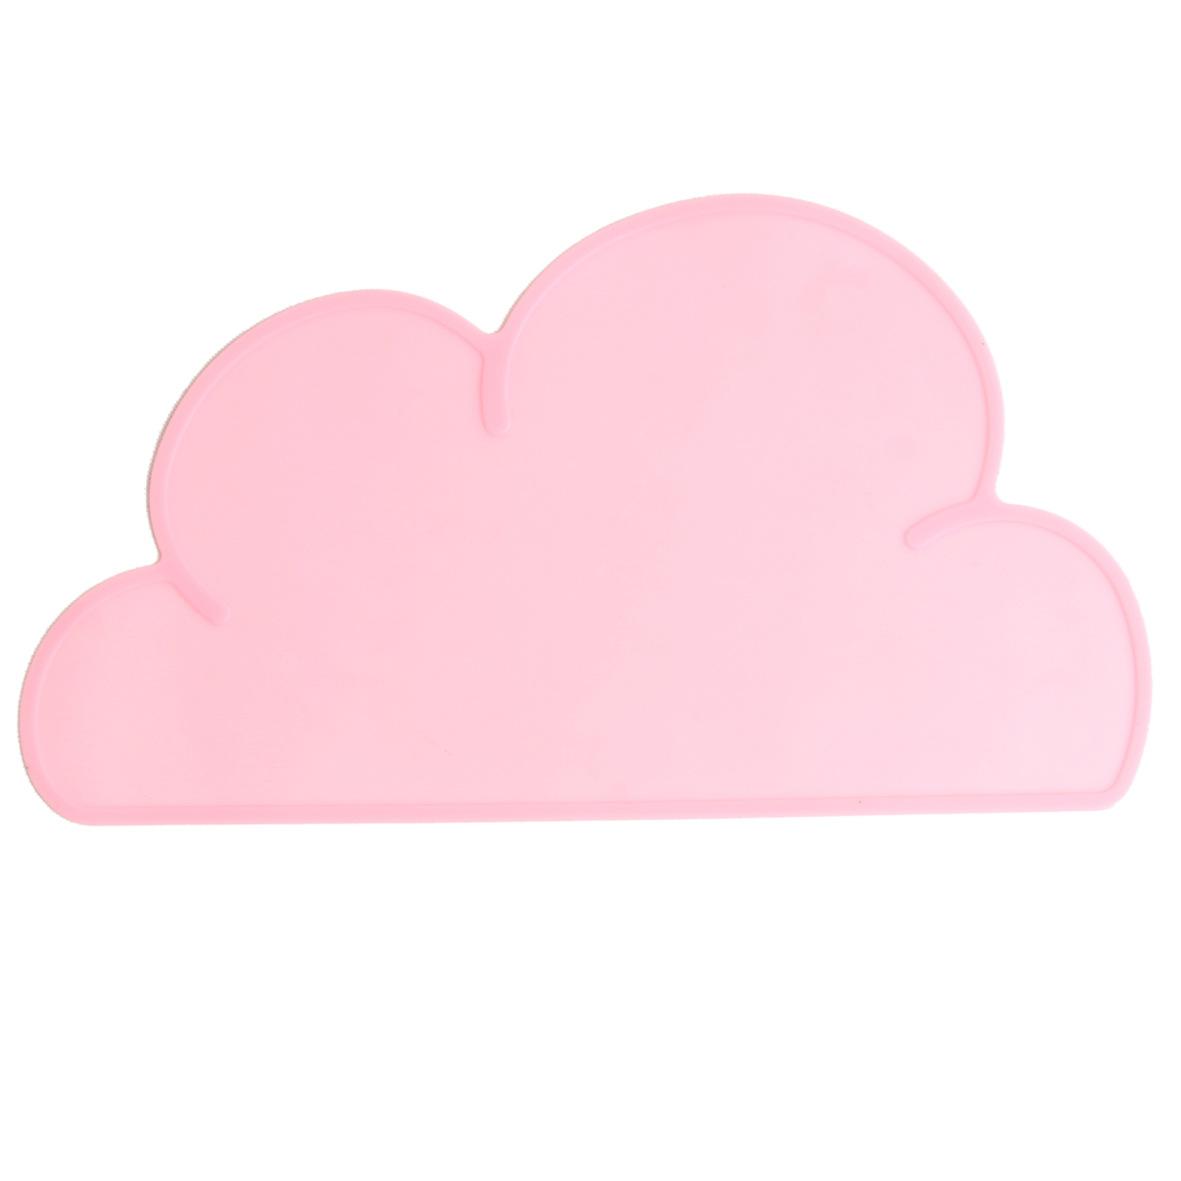 生活用品儿童厨房用品宠物垫儿童餐垫云朵硅胶餐垫防滑垫厂家直销